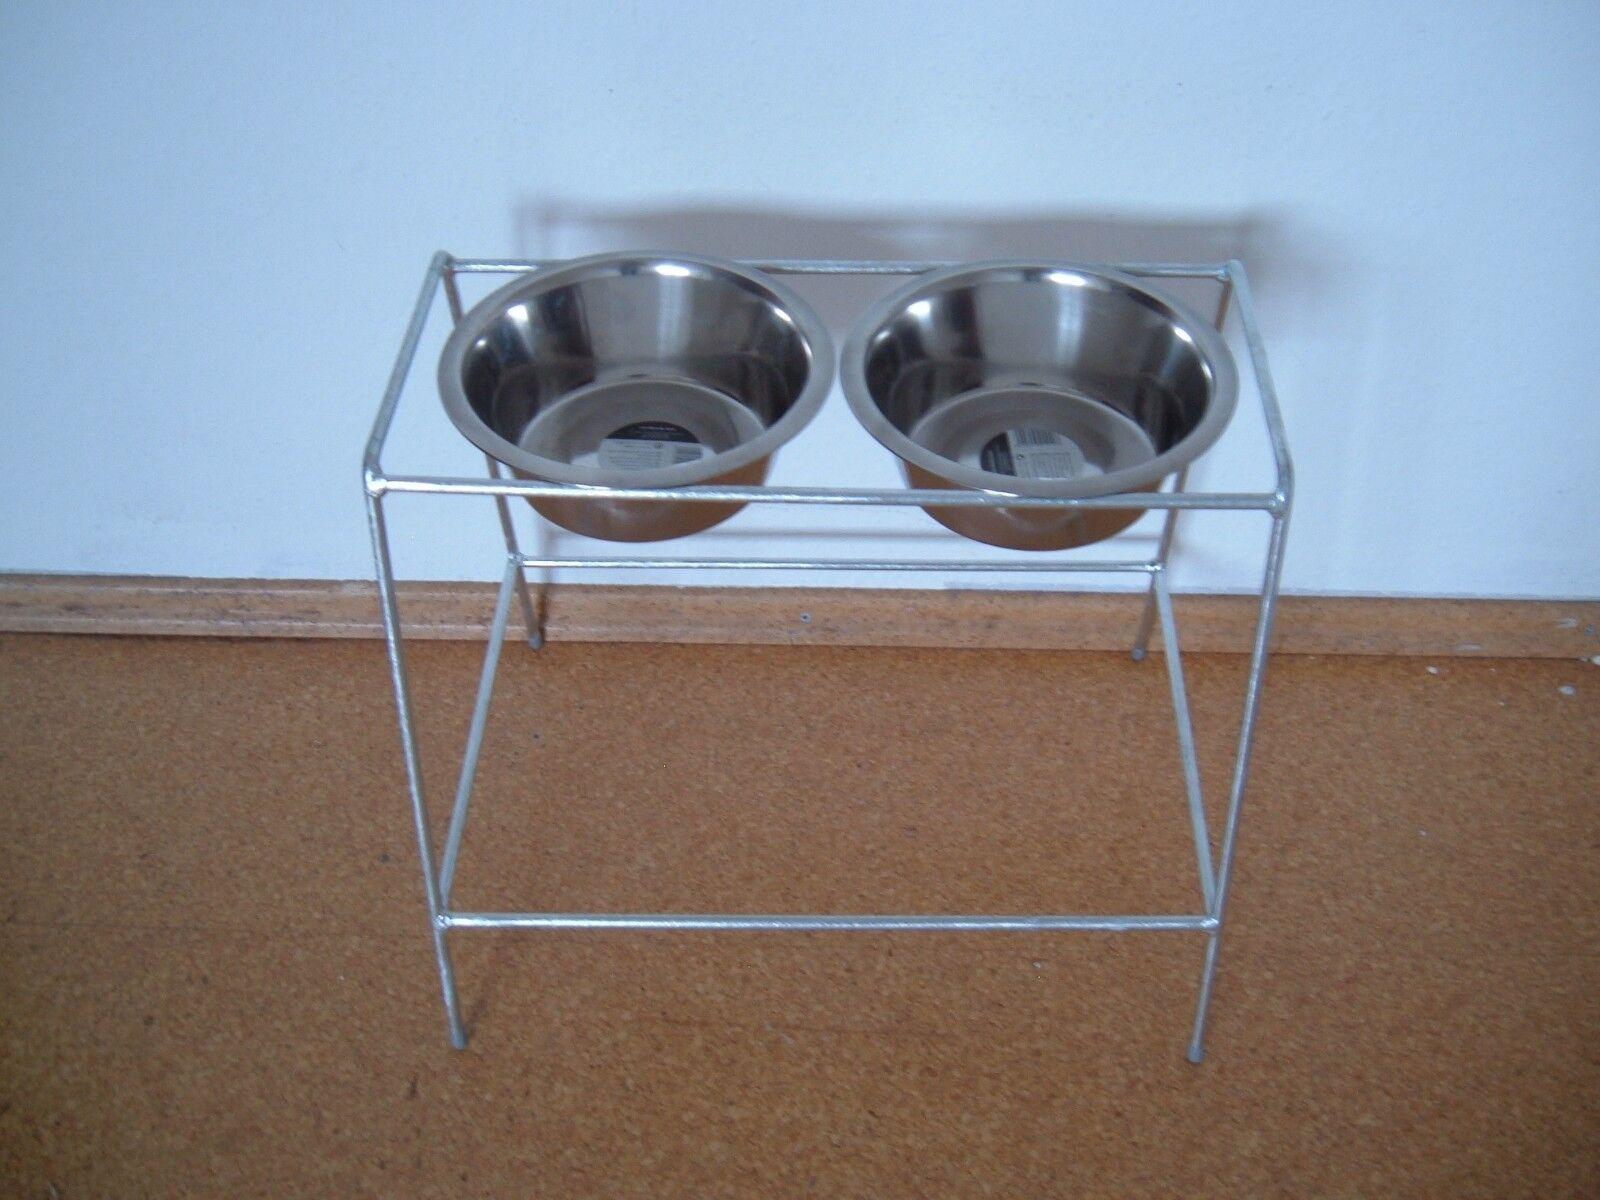 Futterbar Gr.L Naprhalter für Hunde incl. 2 Edelstahlnäpfe Golden Retriever  NEU  | Vielfalt